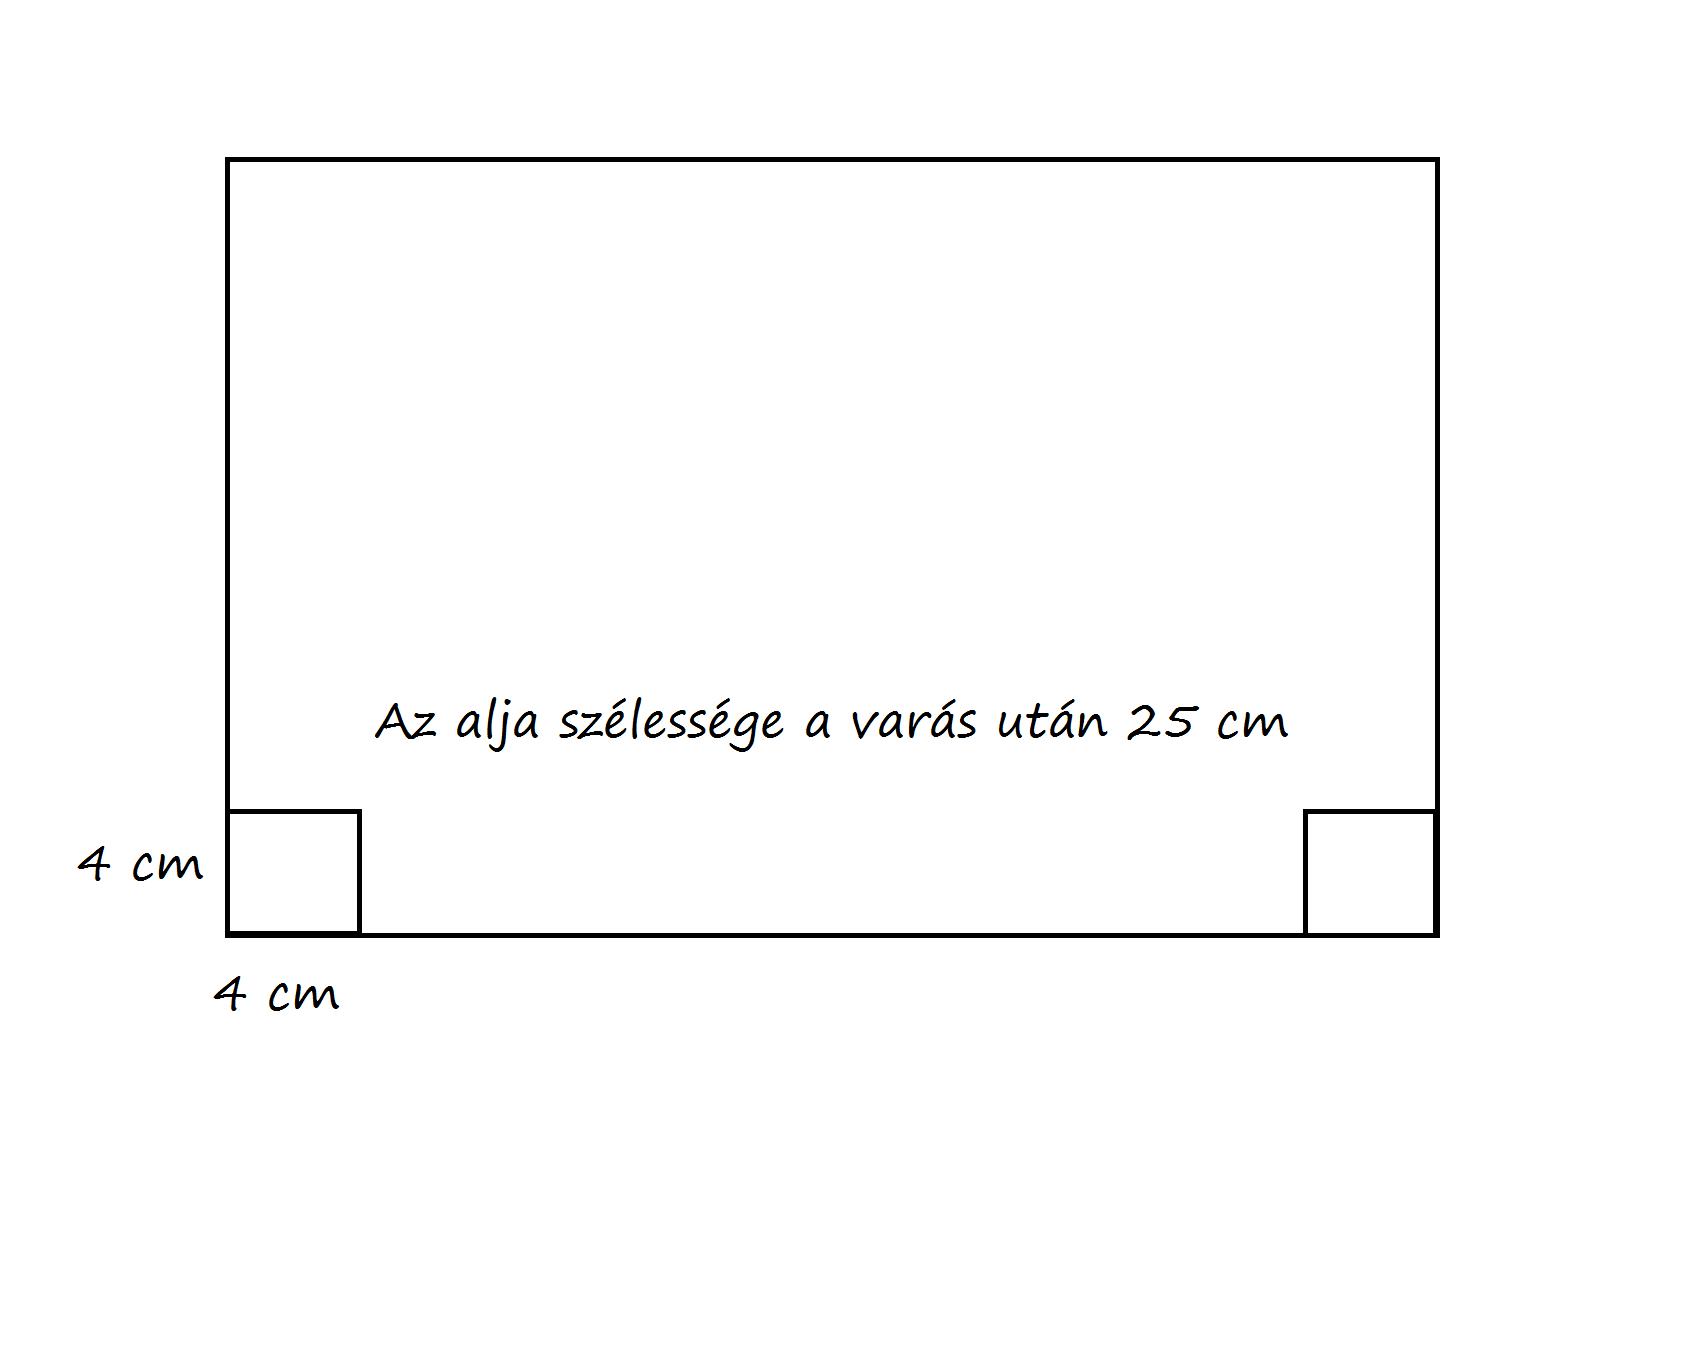 4a767f5ae131 Számoljunk 8 cm mélységet. Hogy ezt hogyan rajzoljuk a papírra? Nem 8 cm-t  veszek hanem 4 cm-t. Mivel ez a méret az oldala magasságából is kell ezért  a ...